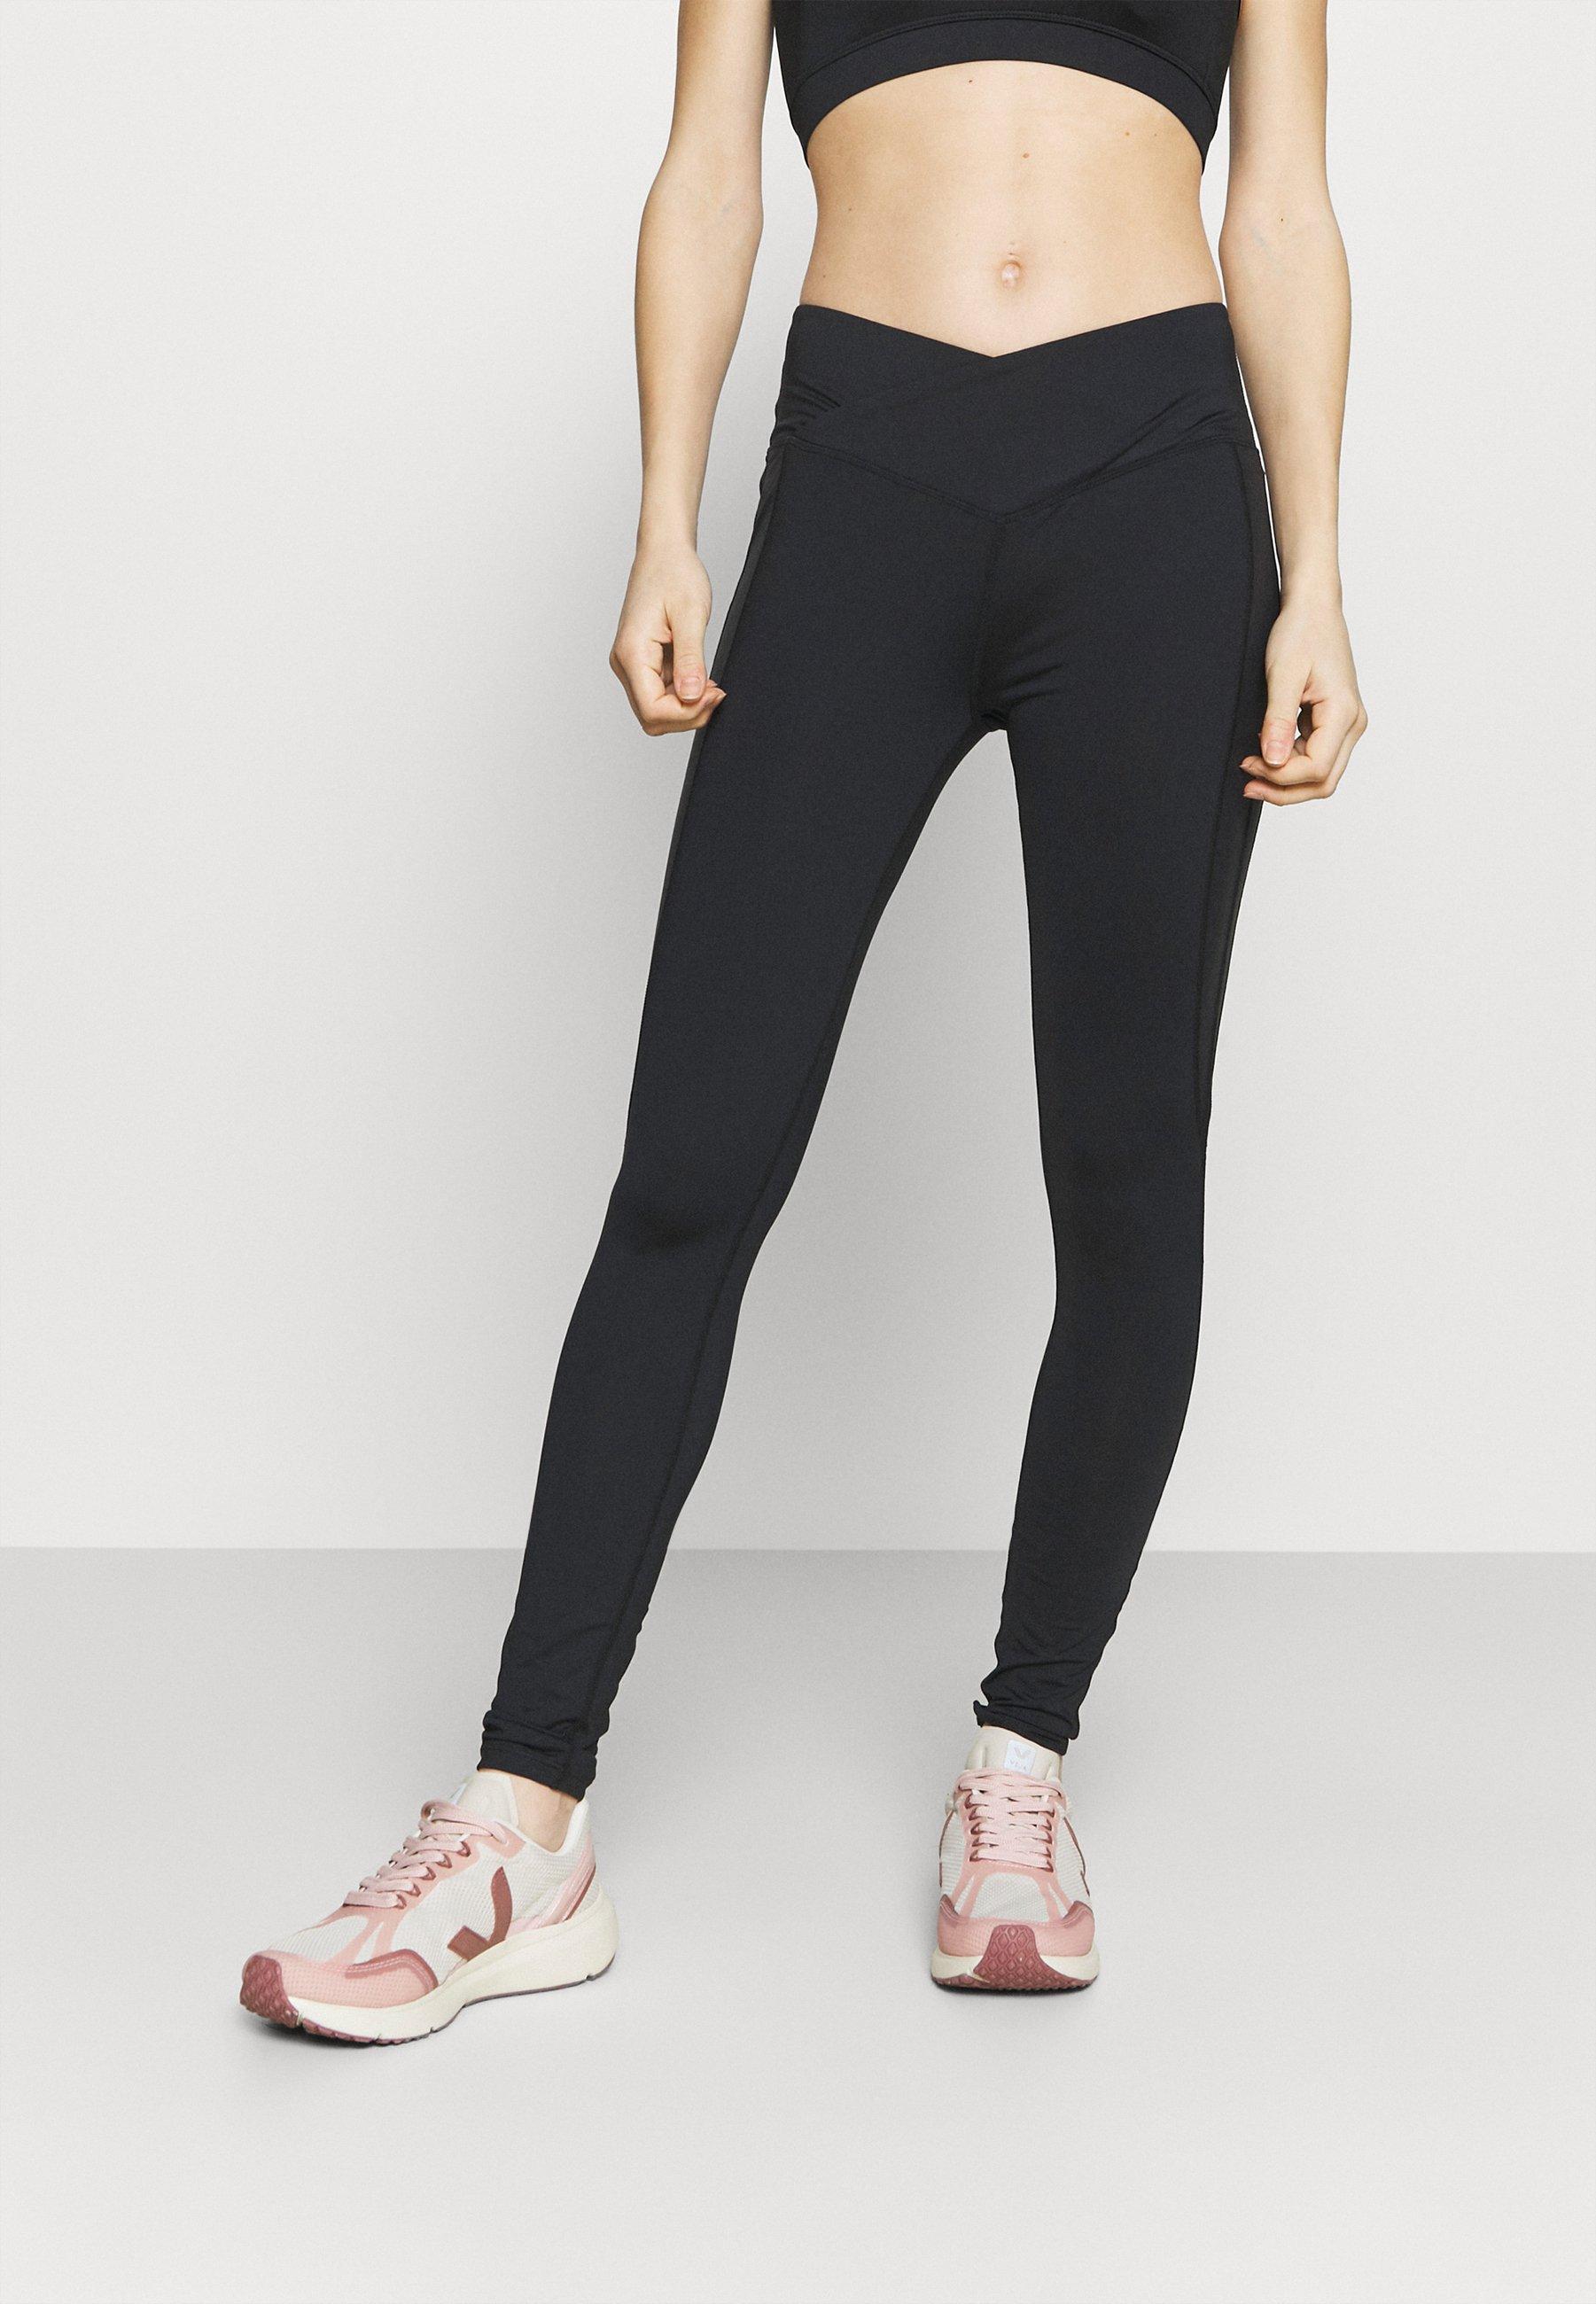 Femme WAIST HIGH WAIST SHINE PANEL - Collants